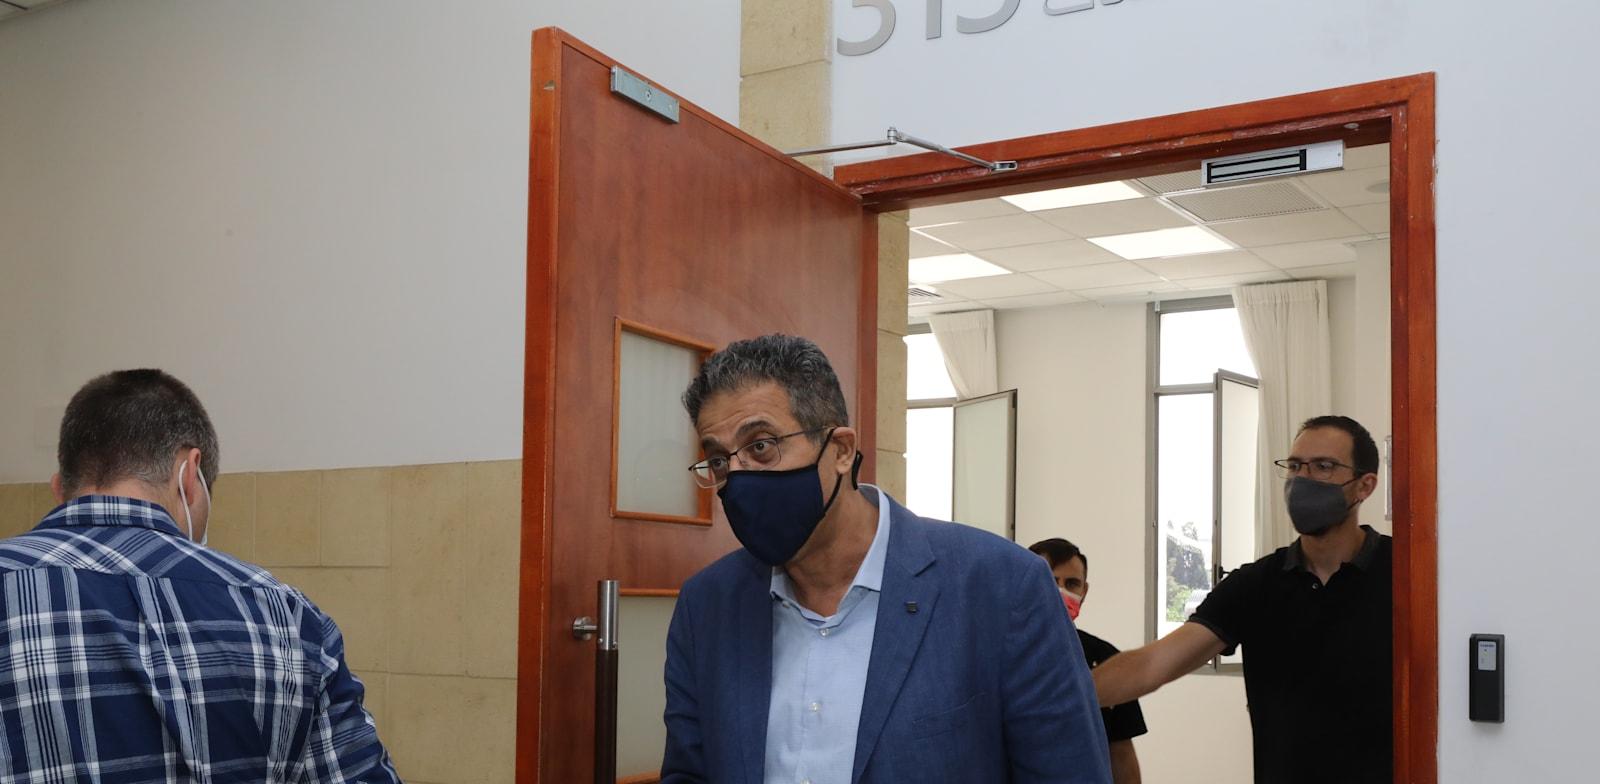 """מנכ""""ל וואלה לשעבר, אילן ישועה, בבית המשפט / צילום: יוסי זמיר"""